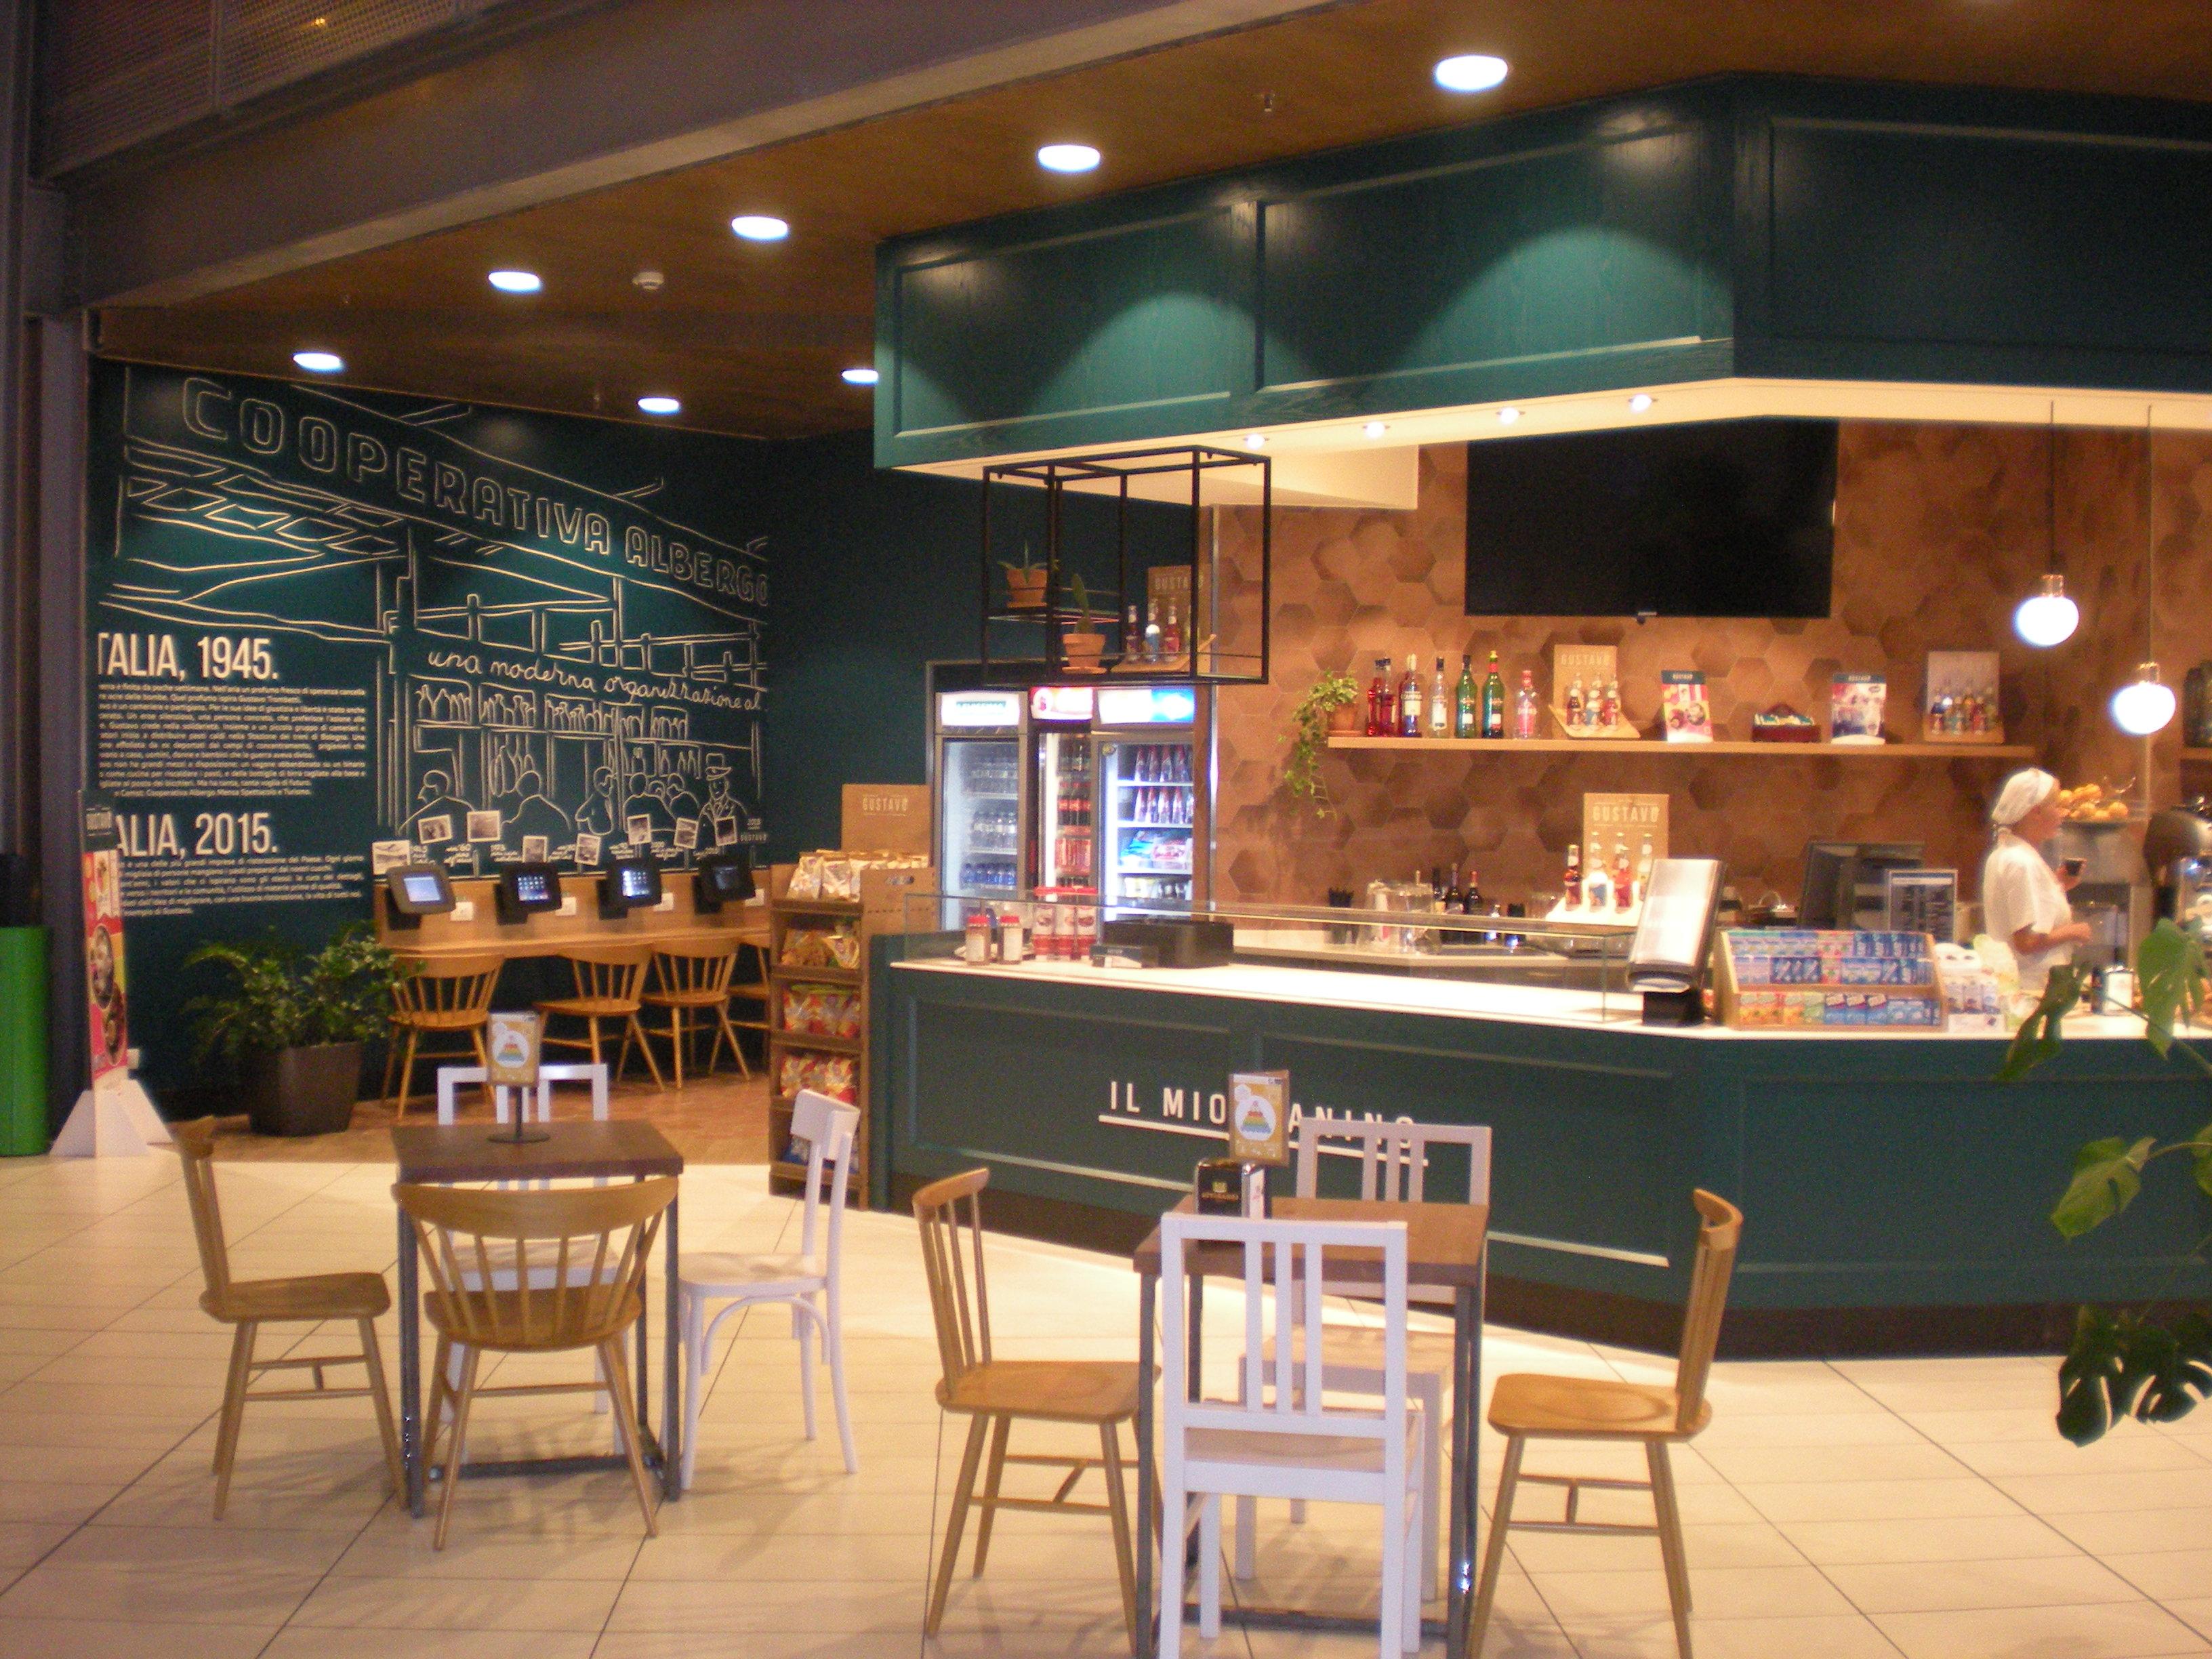 Arredamento su misura bar e ristoranti camst for Arredamento bar e ristoranti